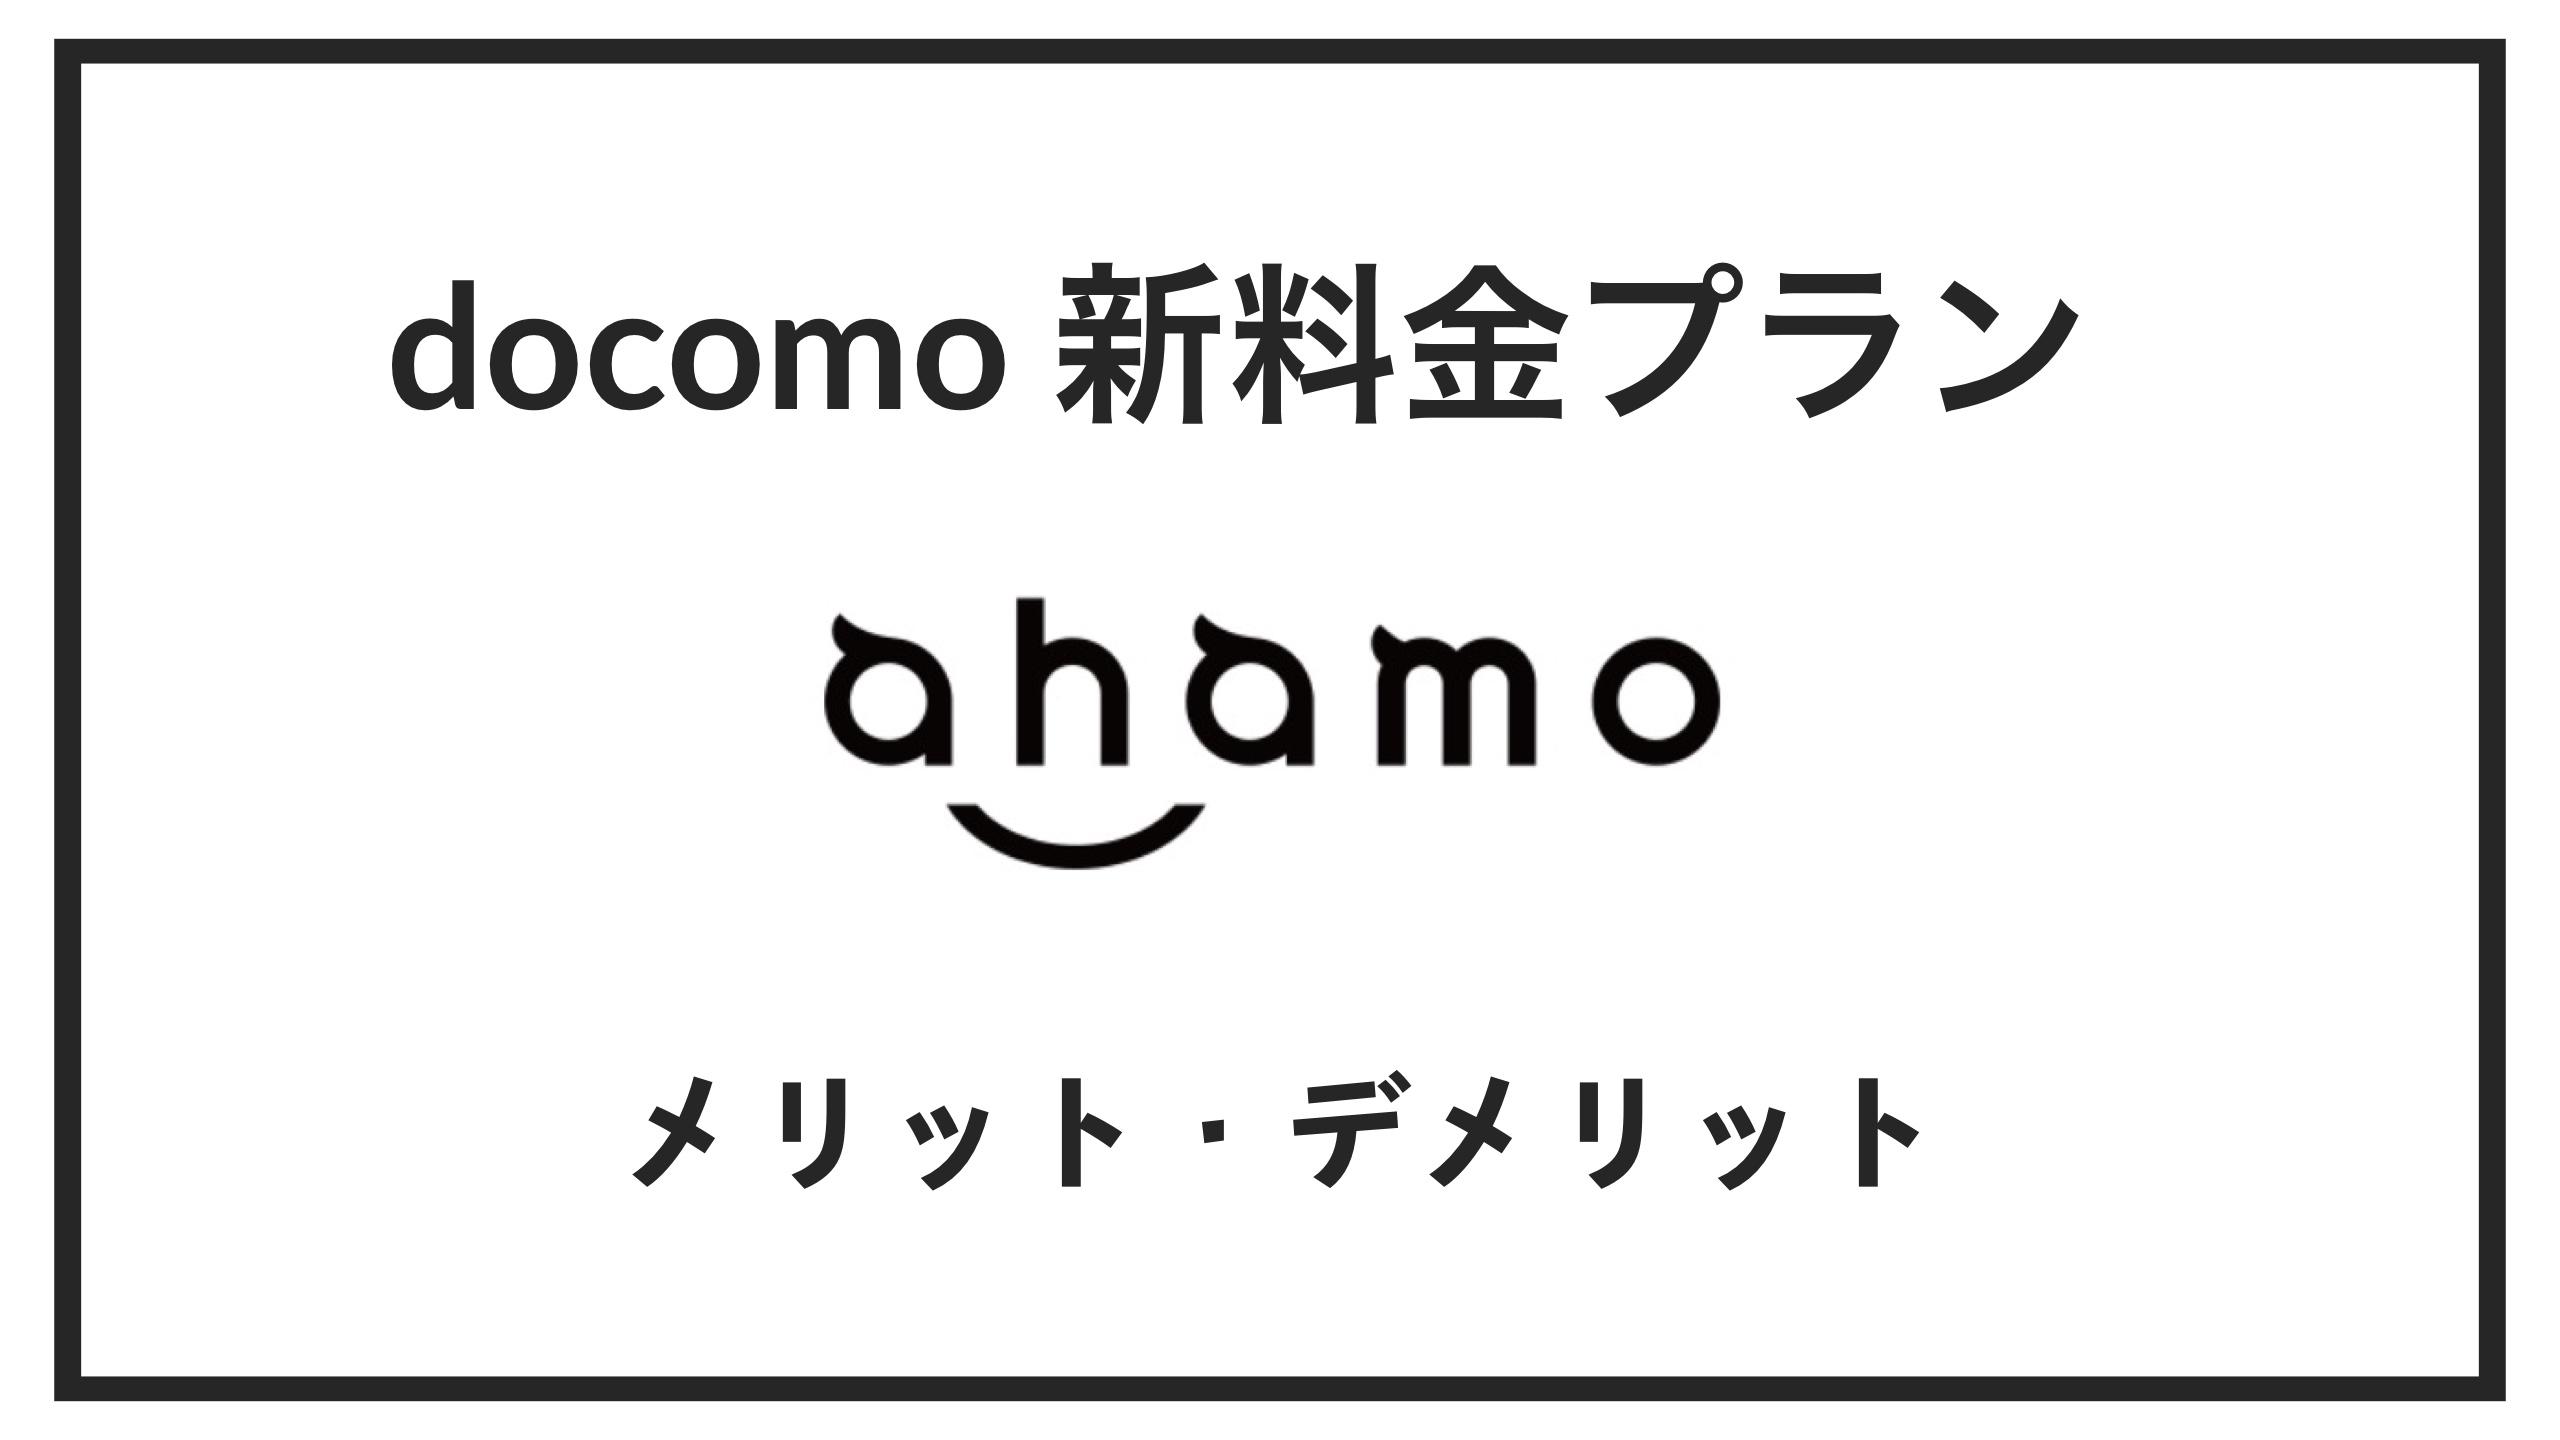 ドコモの新料金プランahamo(アハモ)は本当にお得?メリット・デメリットや乗り換え方法をチェック!